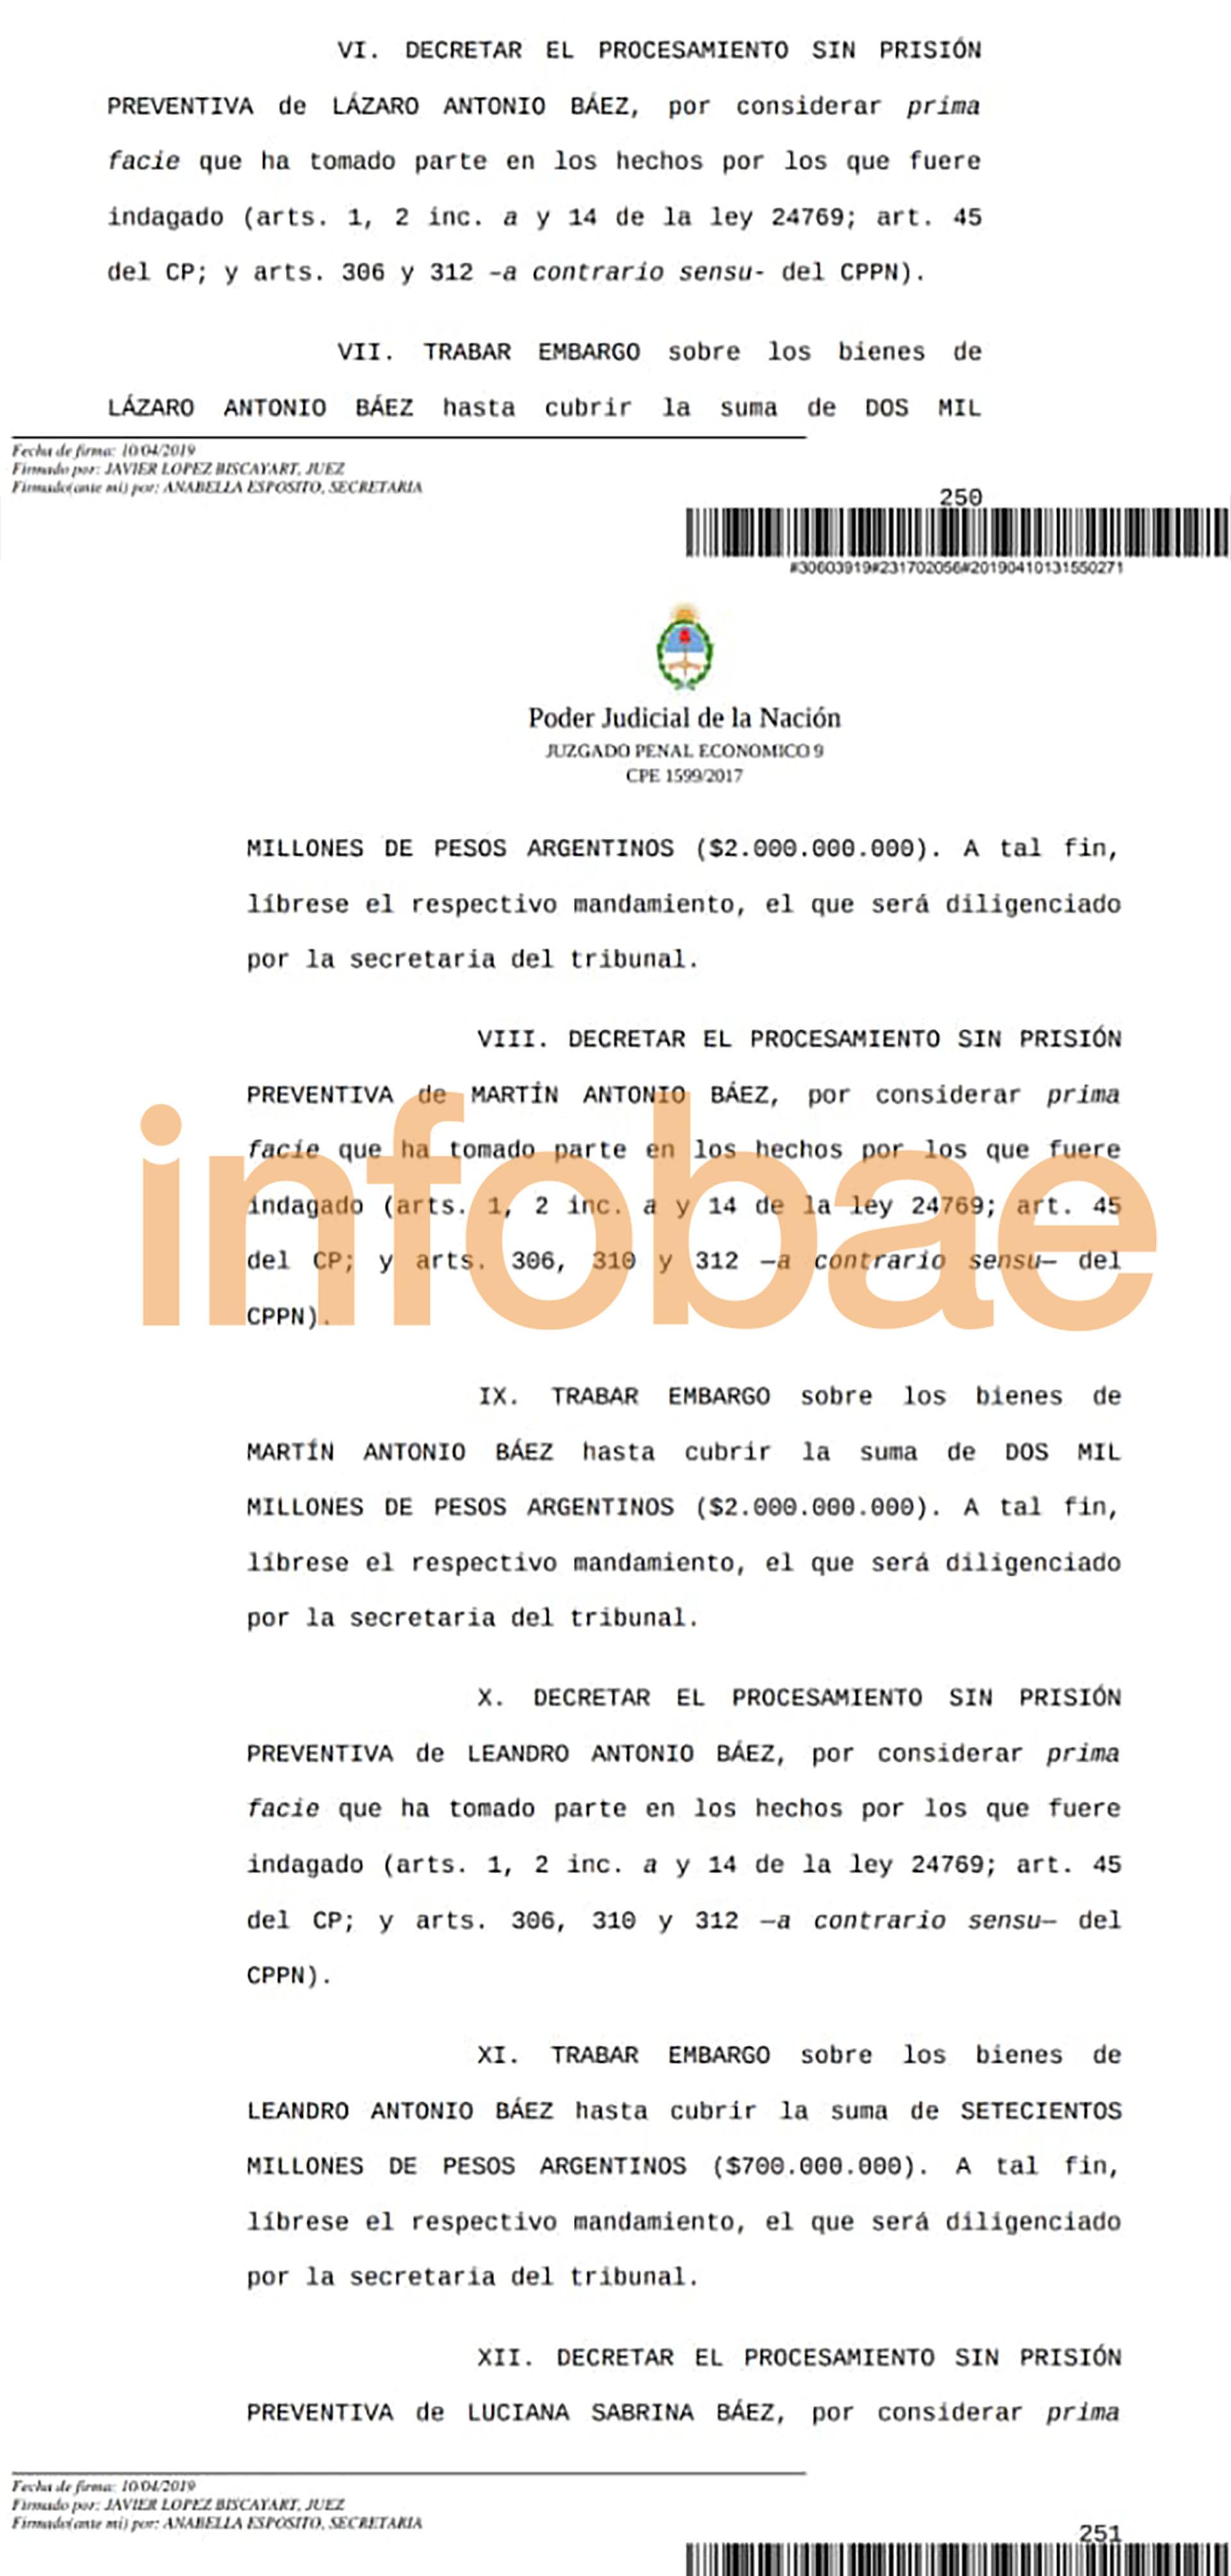 El fallo de López Biscayart que determinó el procesamiento y el embargo de Lázaro Báez y sus hijos.